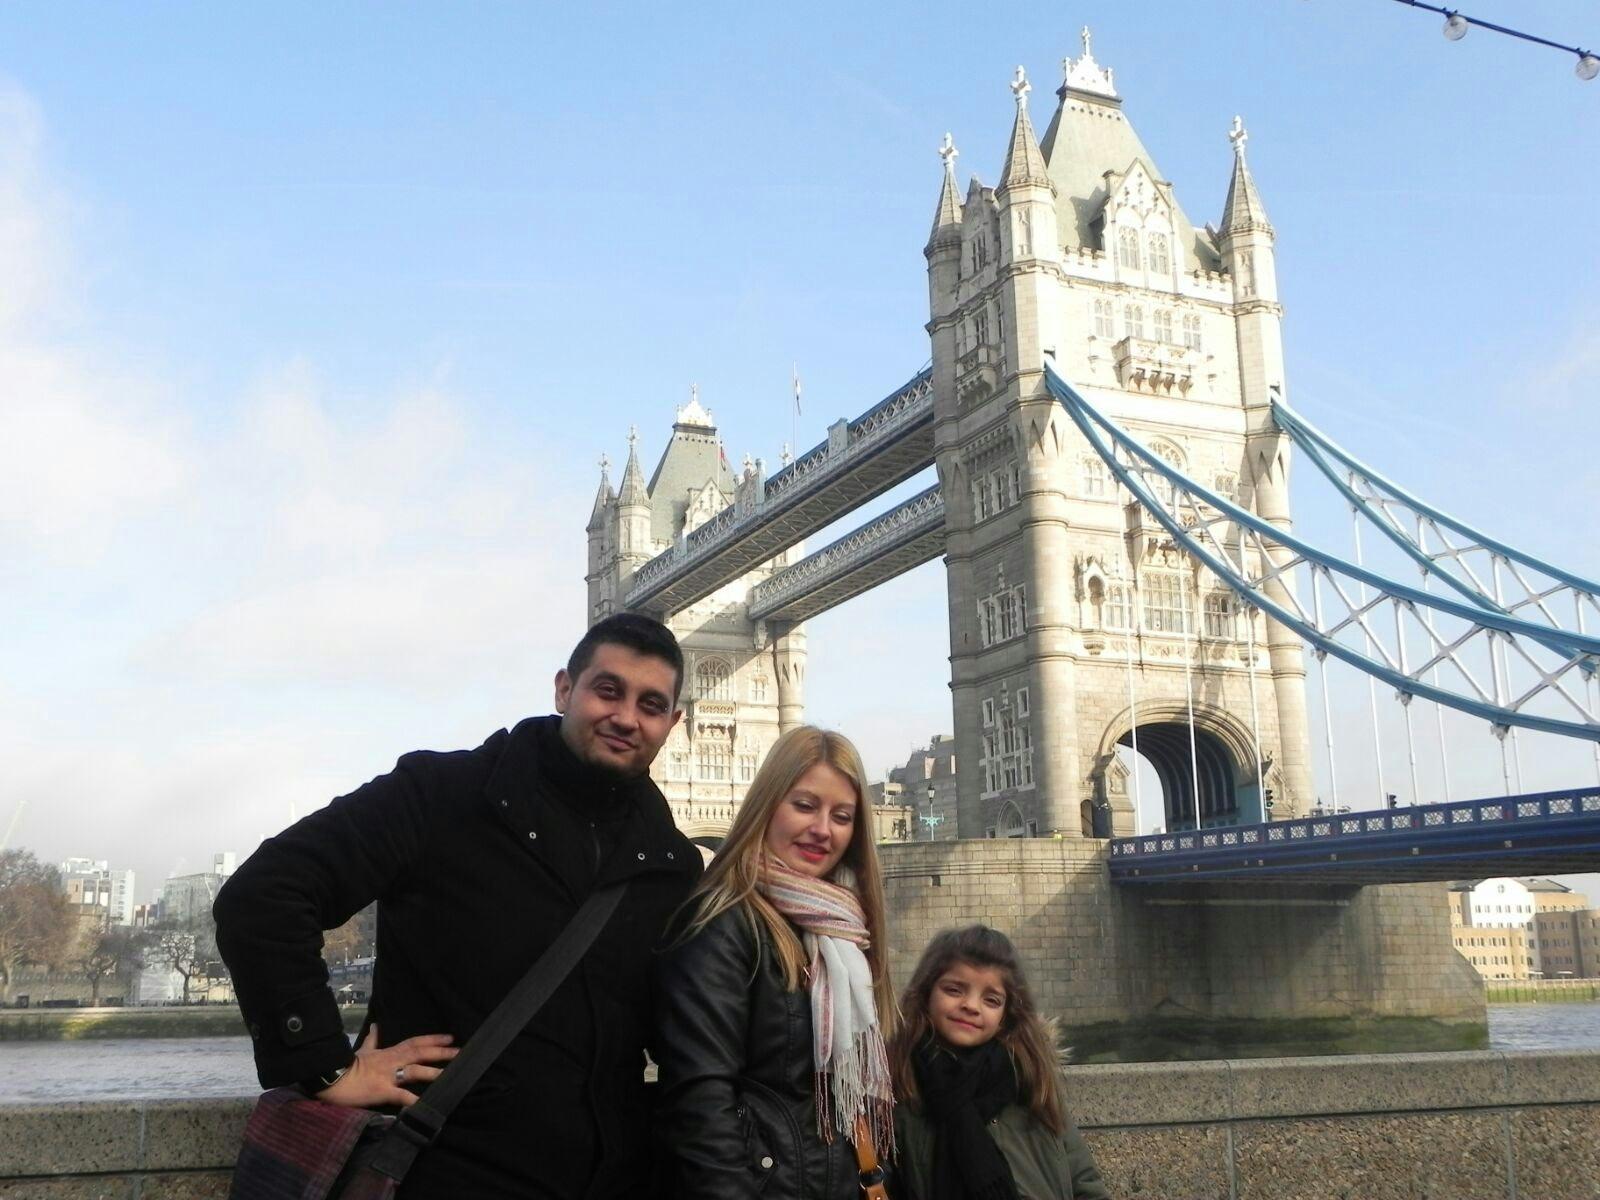 Txema, Zaida y Naiara en el Puente de la Torre en Londres